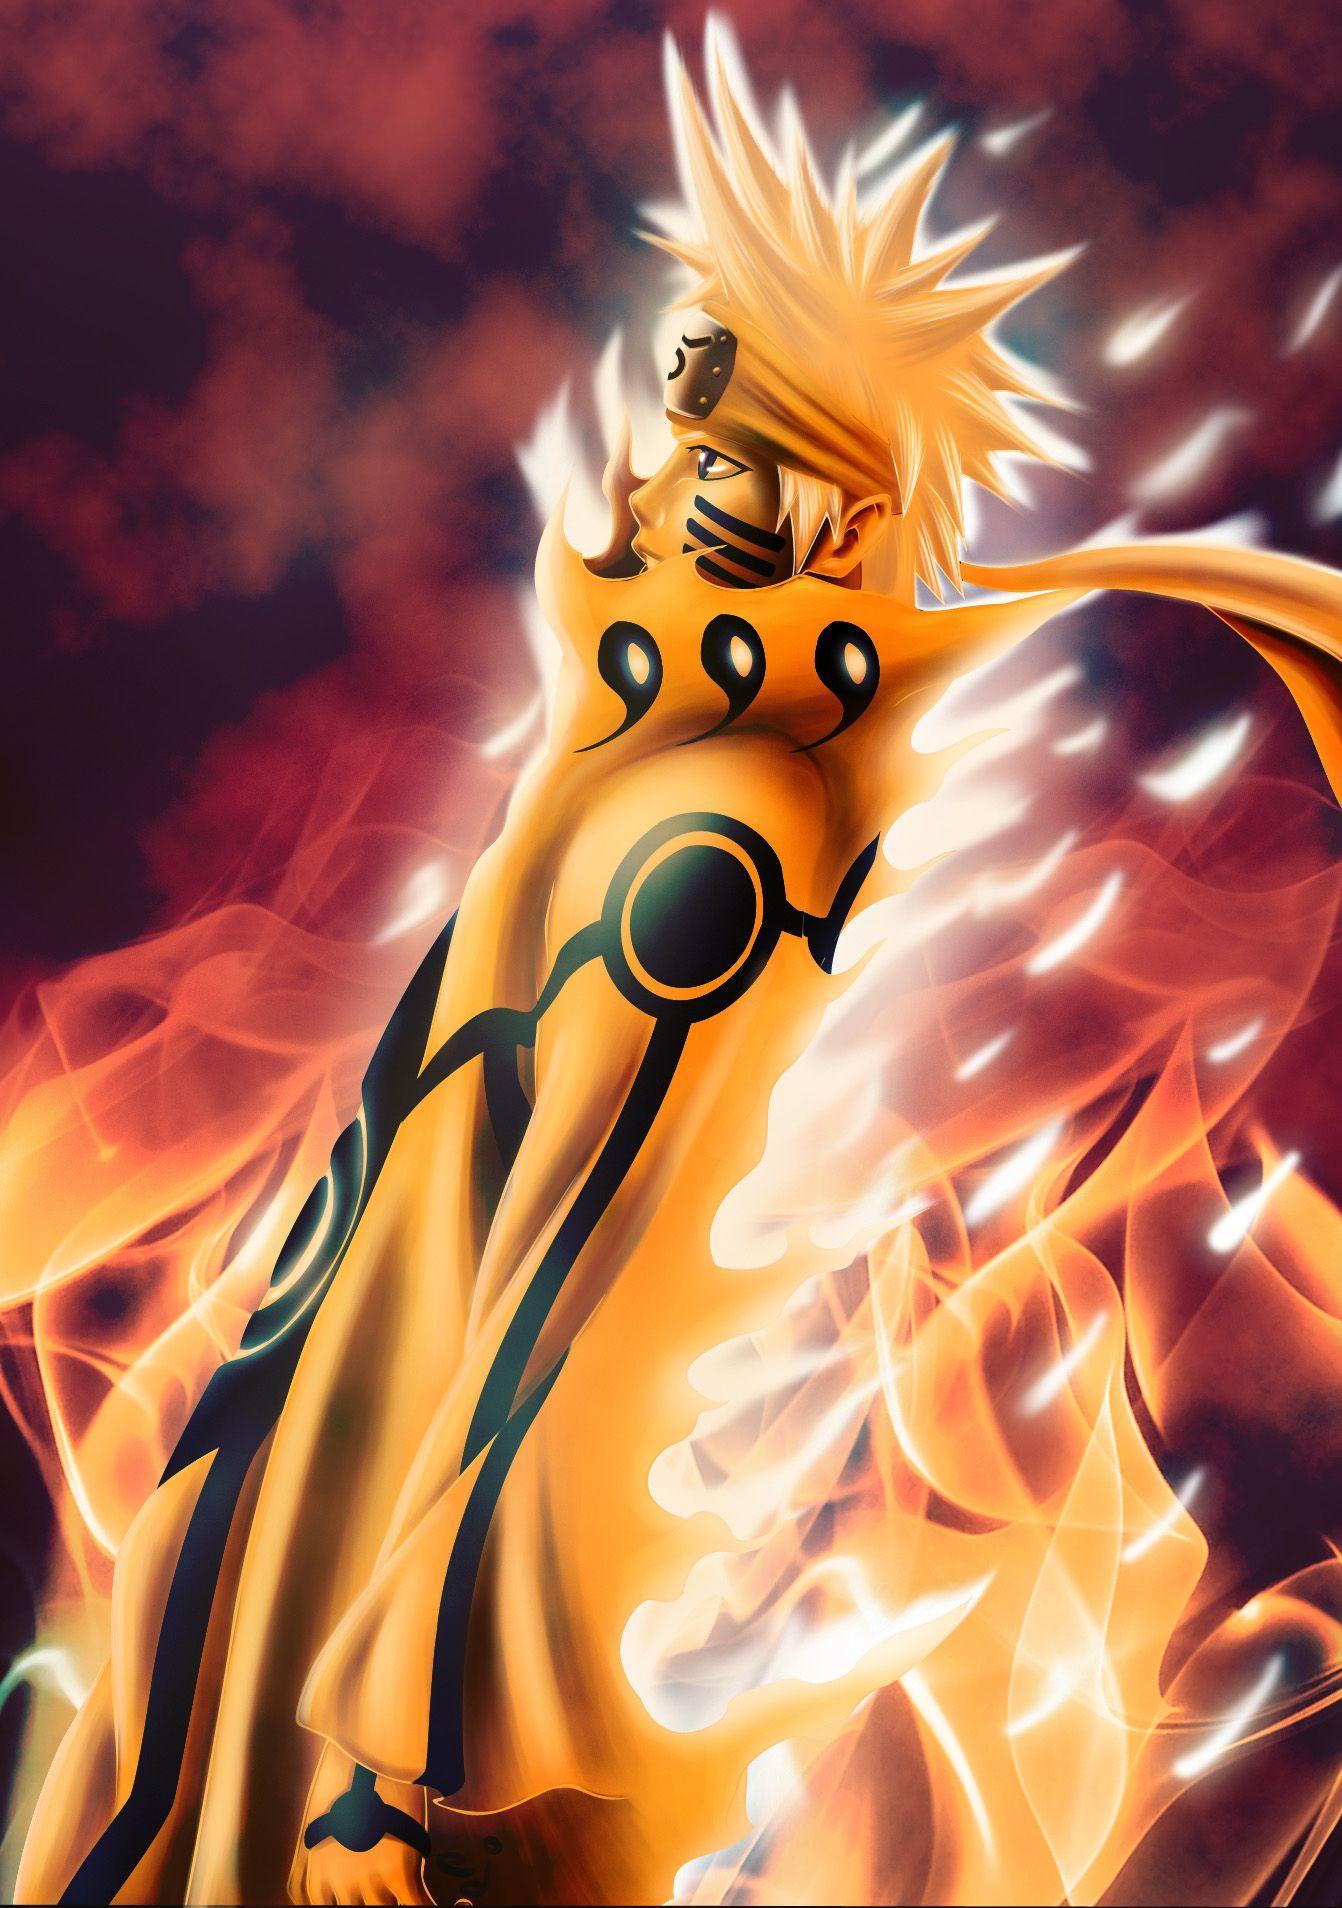 Wallpapers Naruto Shippuden Bijuu Mode Vs Sasuke ...  Naruto Bijuu Mode Wallpapers Hd